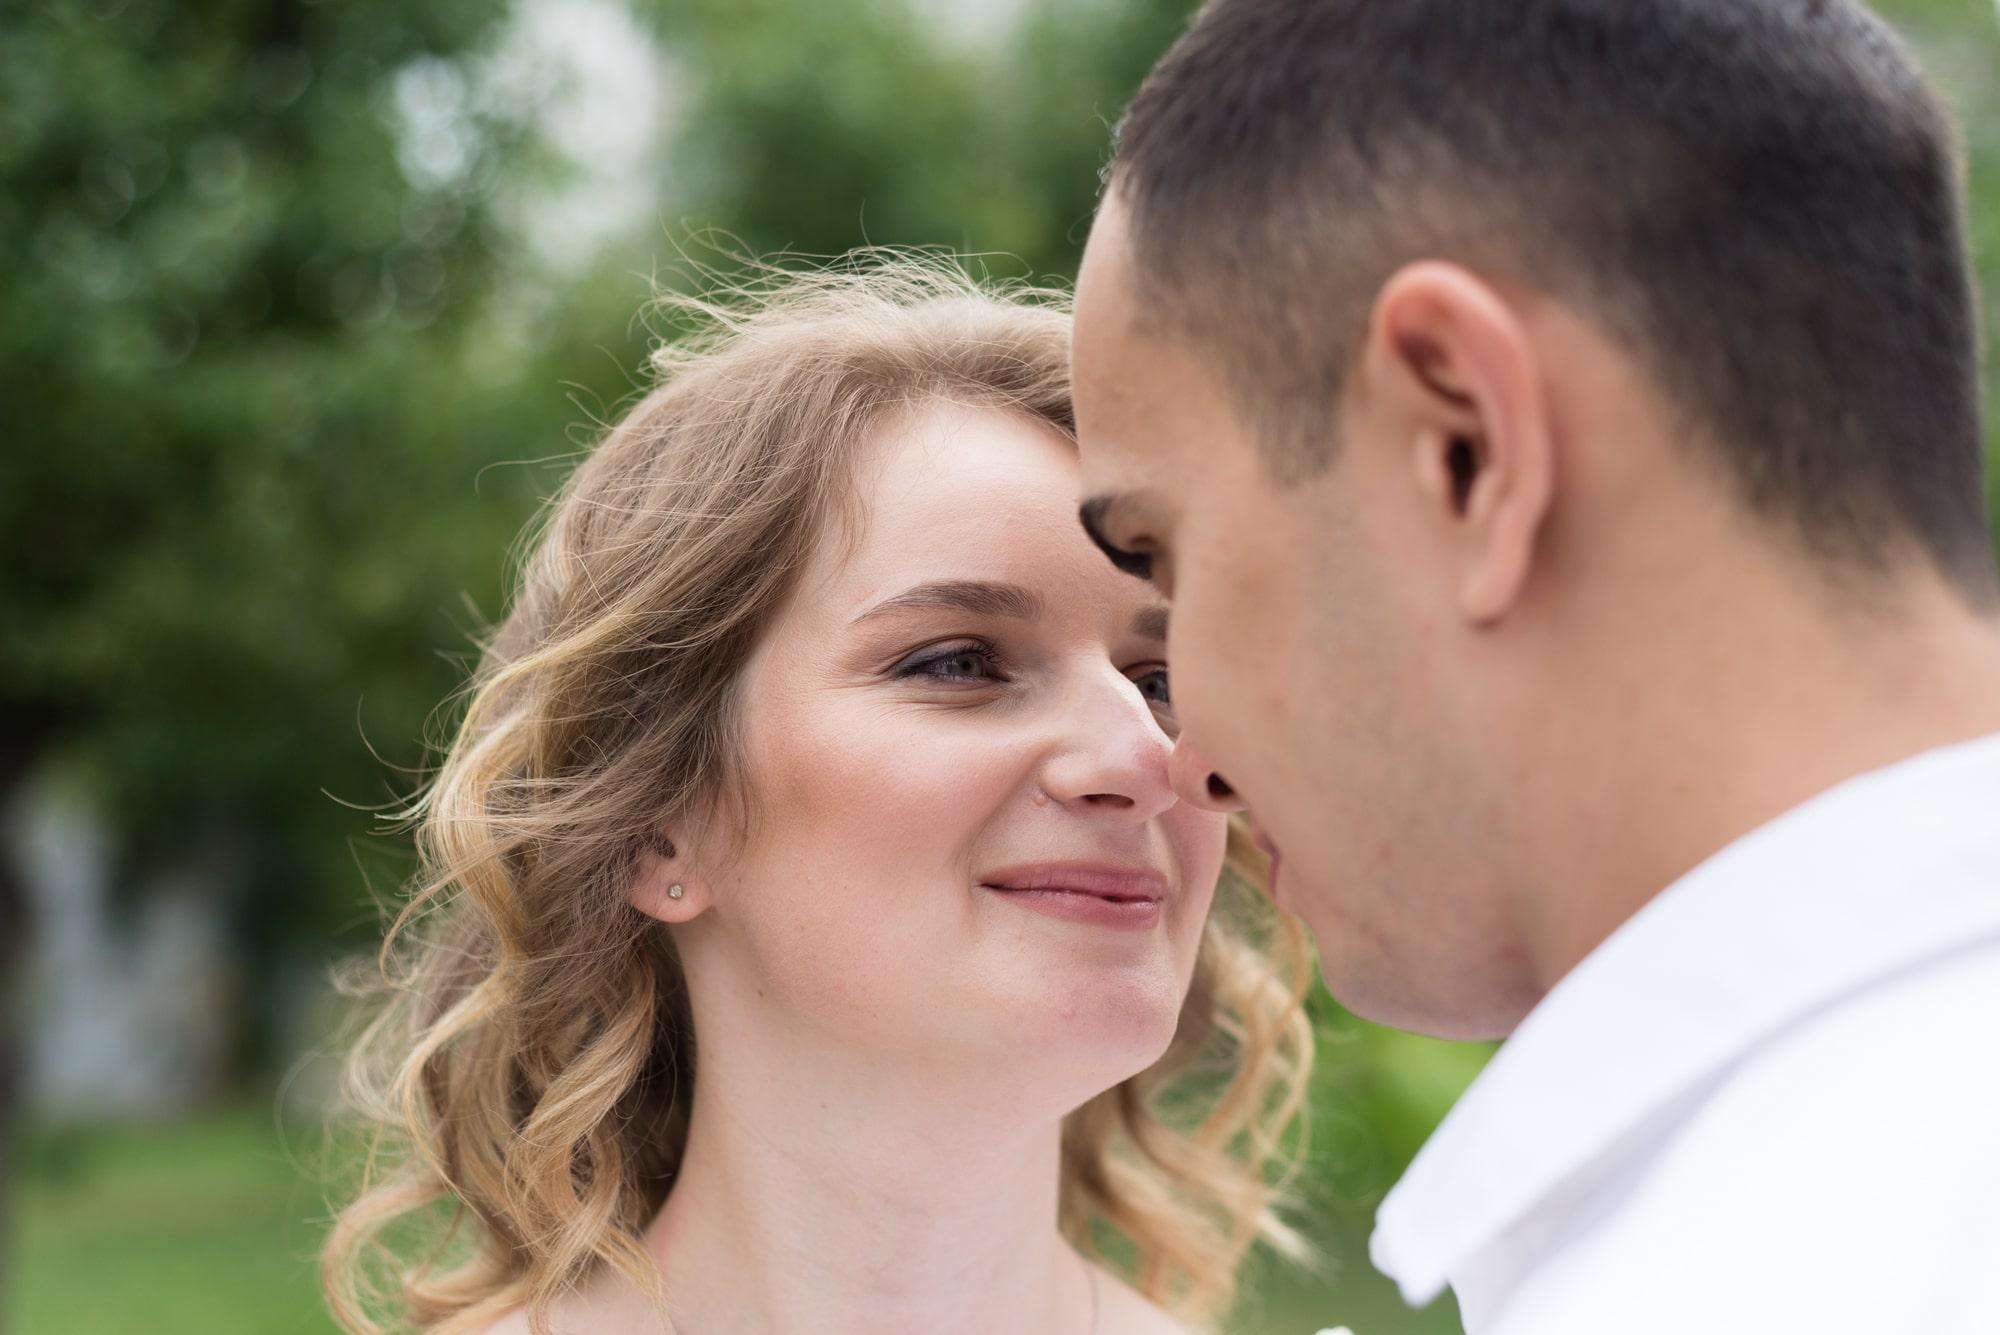 Фотосессия свадебная возле Днепра - невеста смотрит на жениха